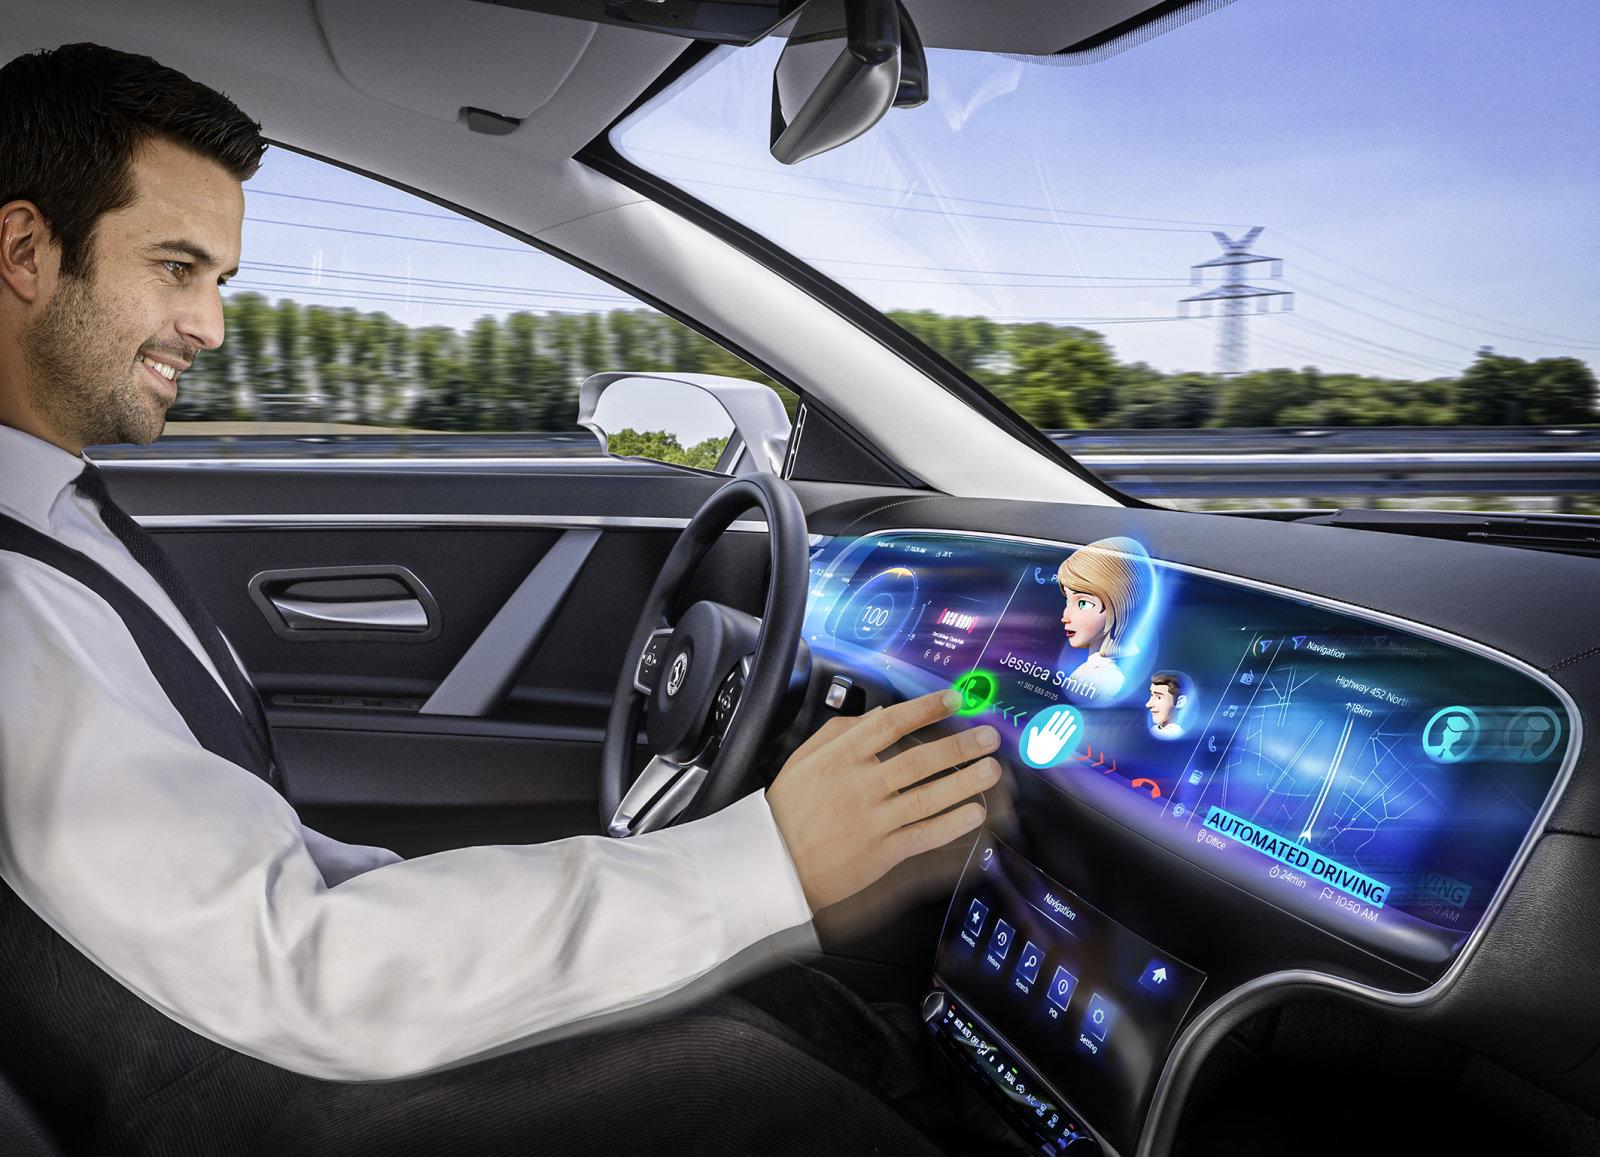 روکیدا - آیا ممکن است در آینده نزدیک خودروها به صفحه نمایش سه بعدی مجهز شوند؟ - خودرو هوشمند